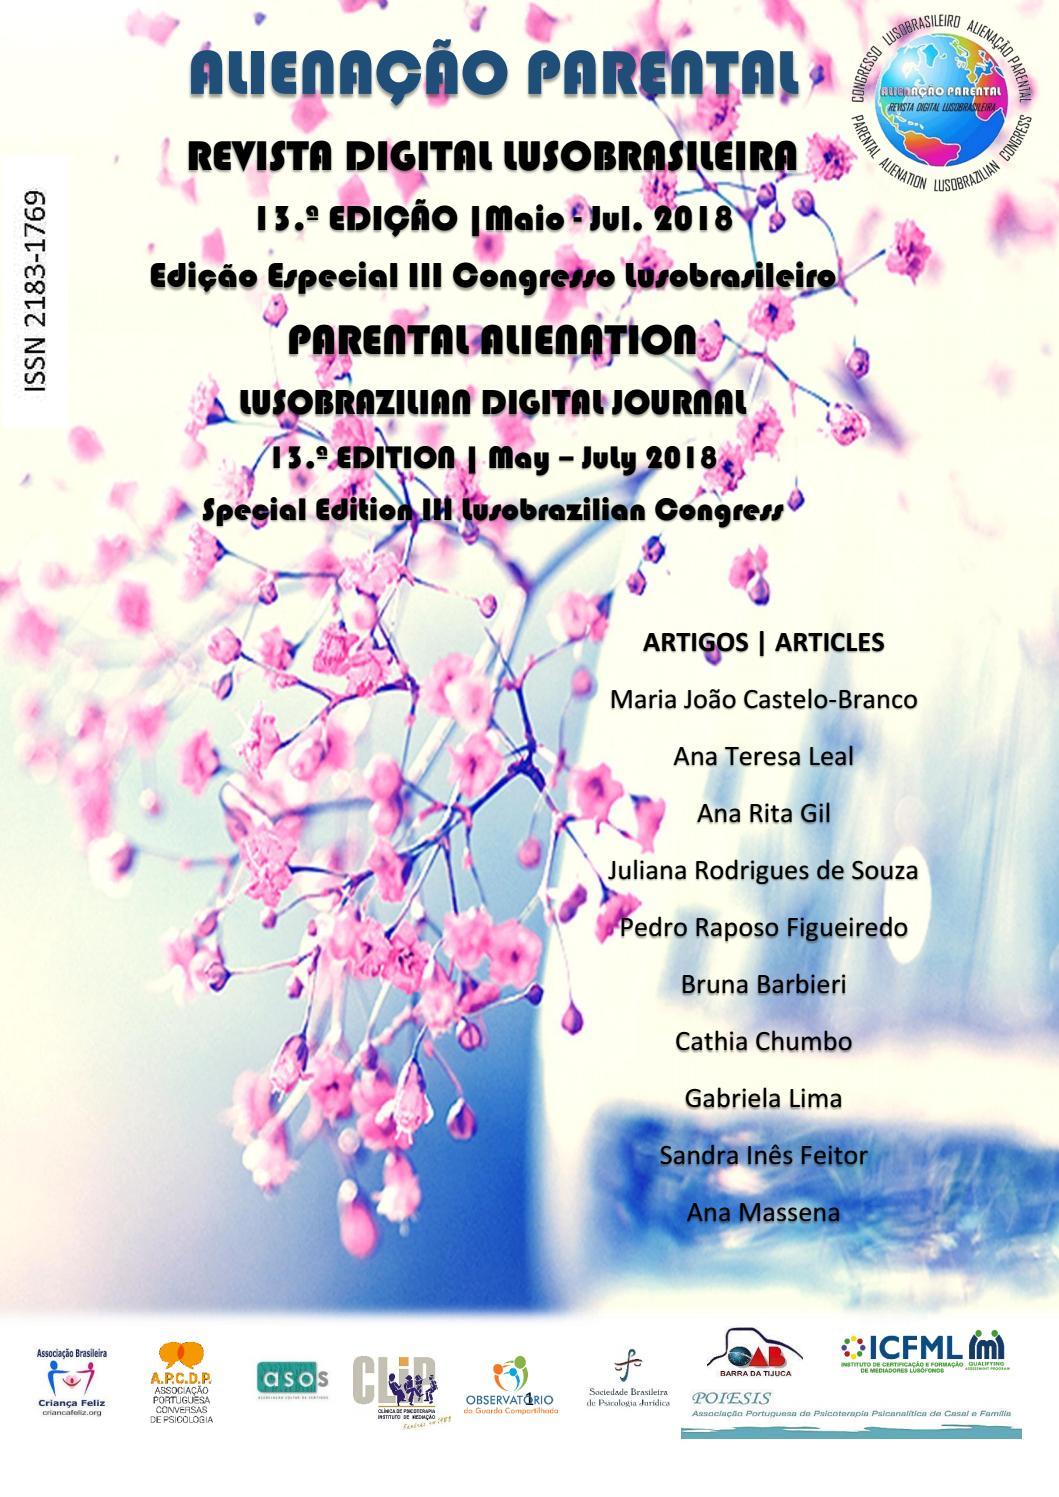 Array - revista aliena    o parental   revista digital lusobrasileira      rh   issuu com